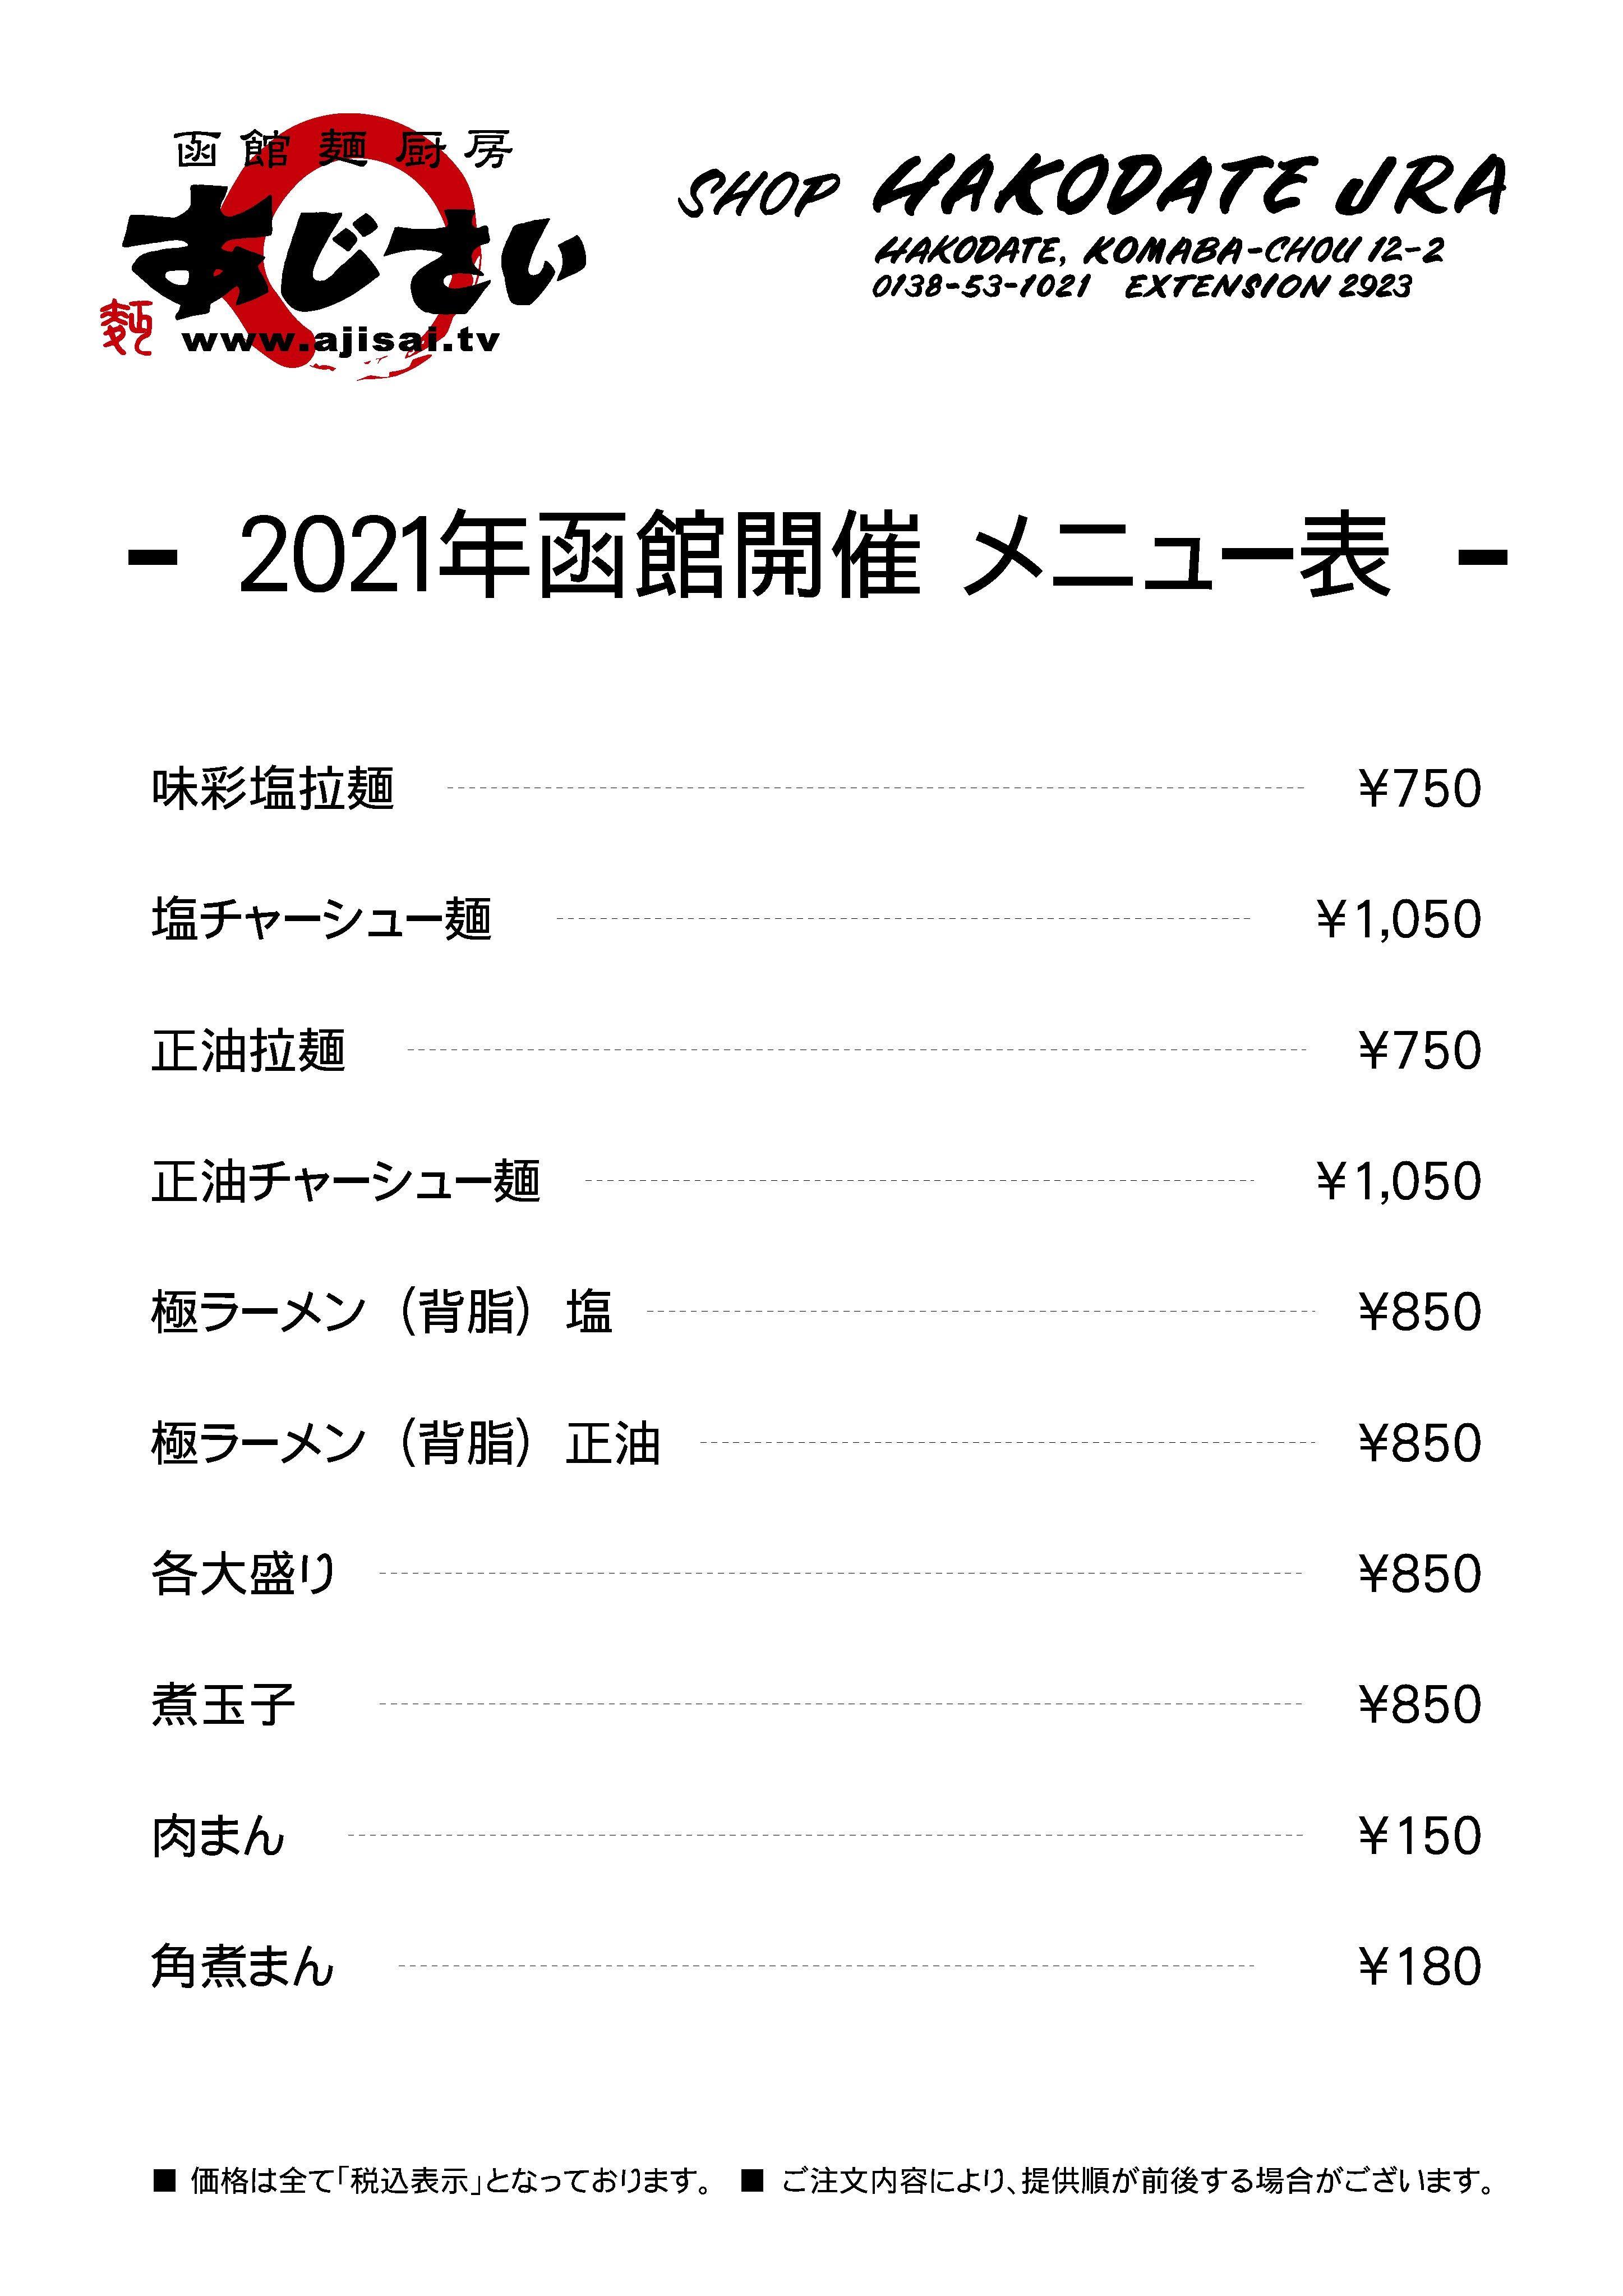 明日からいよいよ函館競馬開催!_f0186373_12404165.jpg